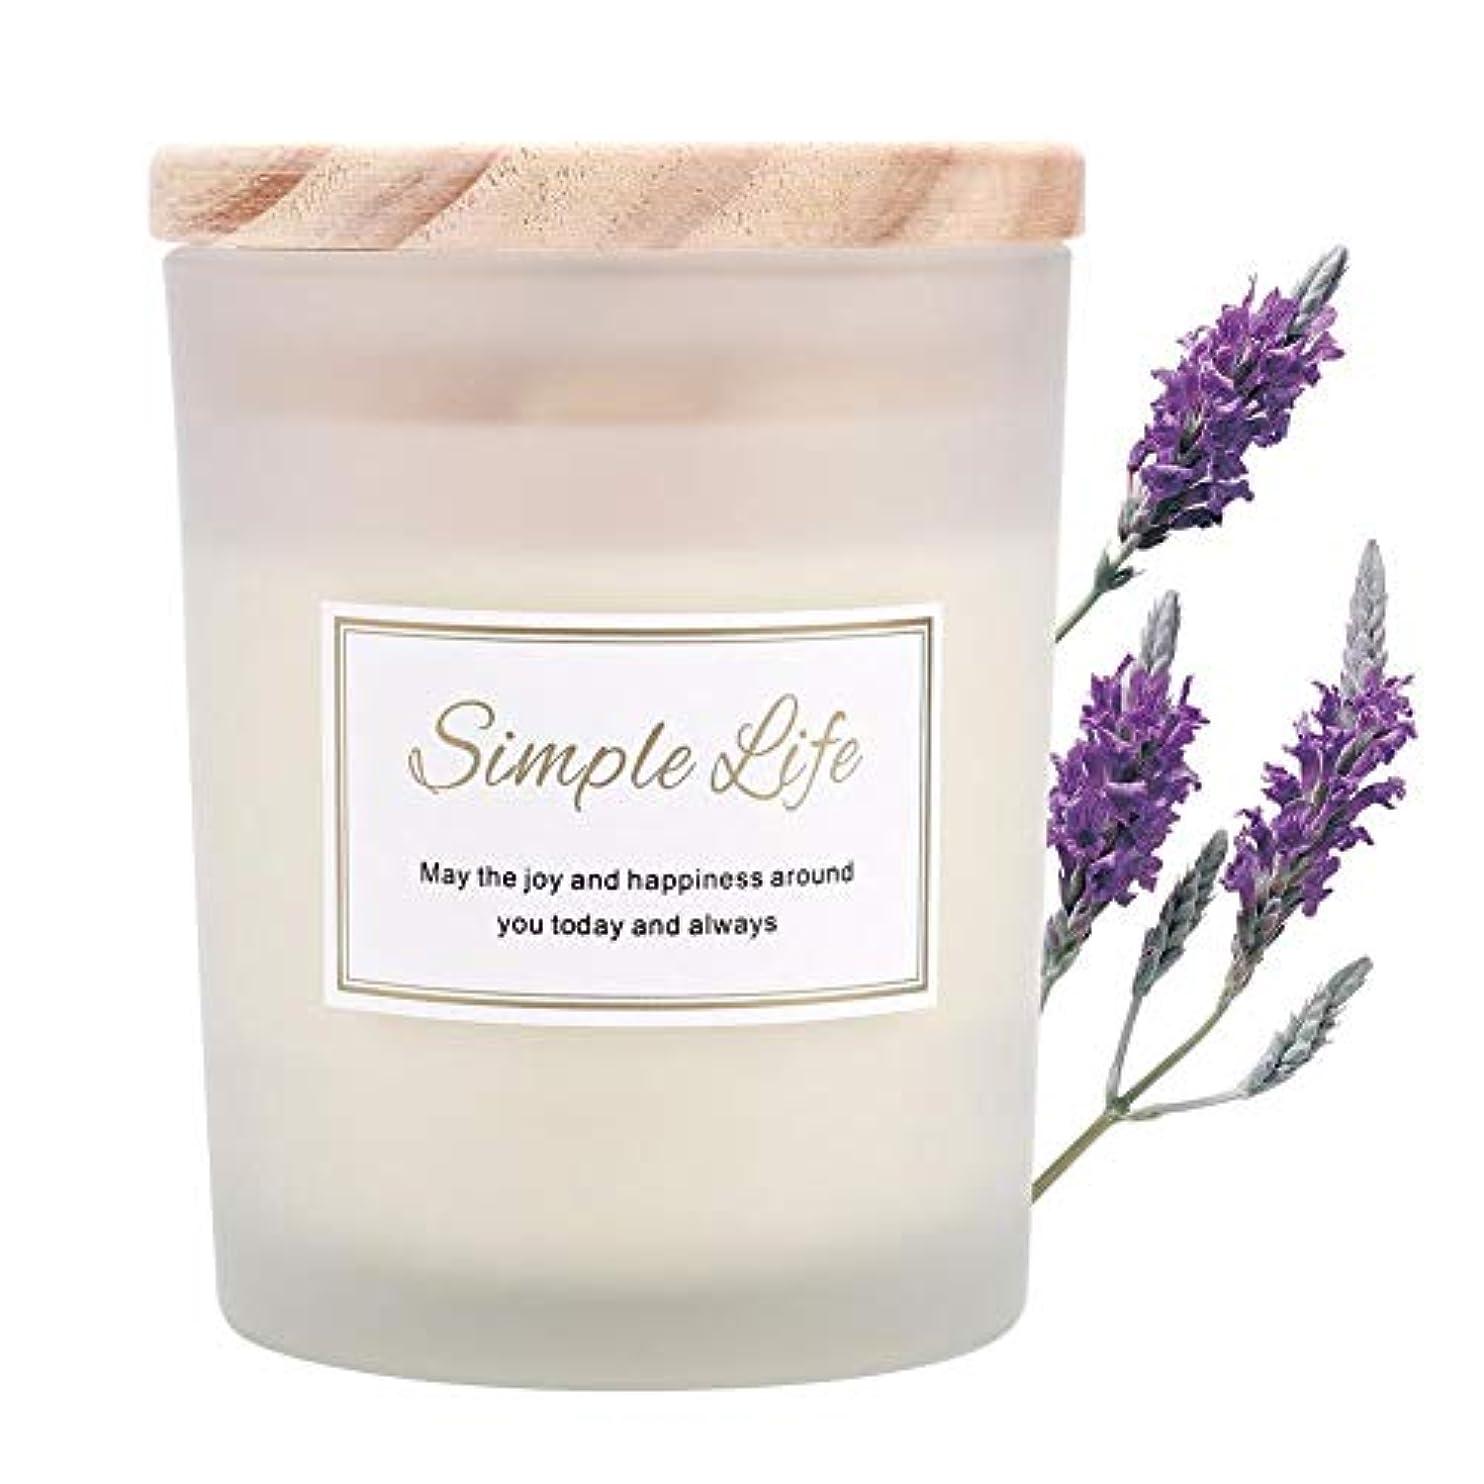 パッケージ影のある困惑する香料入りの蝋燭大豆ワックスガラス瓶キャンドルギフトイギリス梨&フリージア、ラベンダーの家の装飾(ラベンダー)